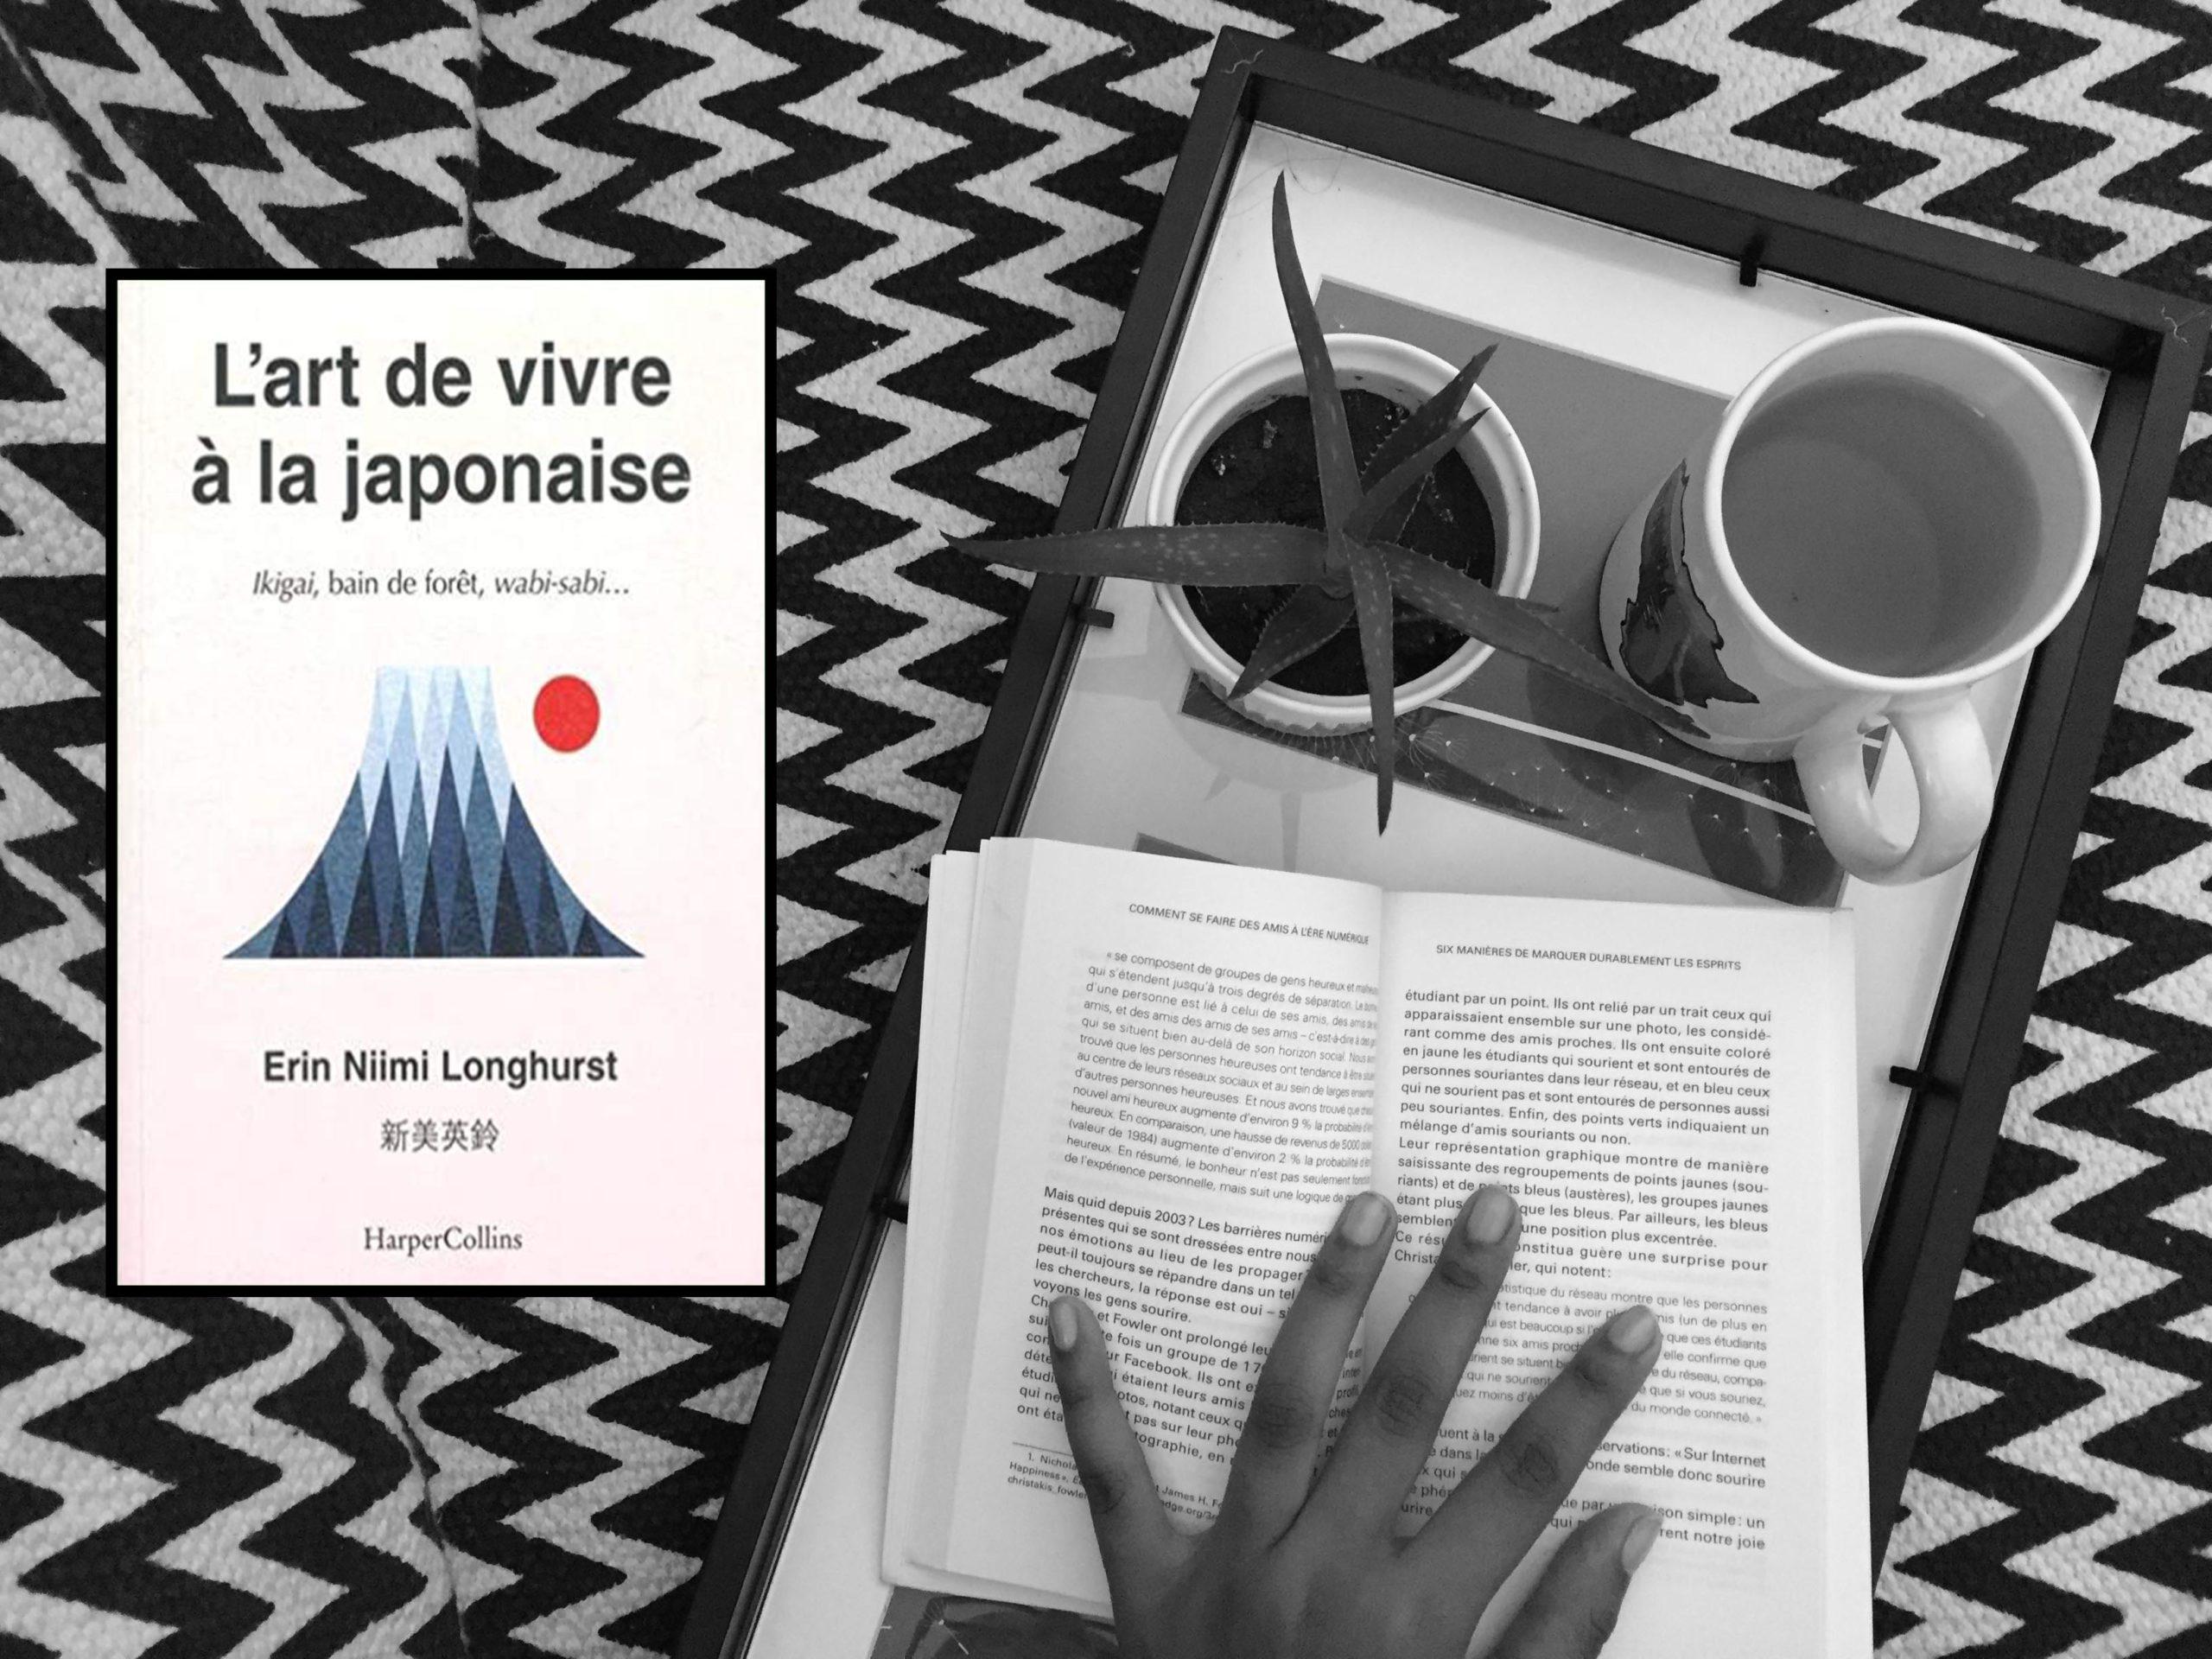 9 raisons de lire L'art de vivre à la japonaise de Erin Niimi Longhurst